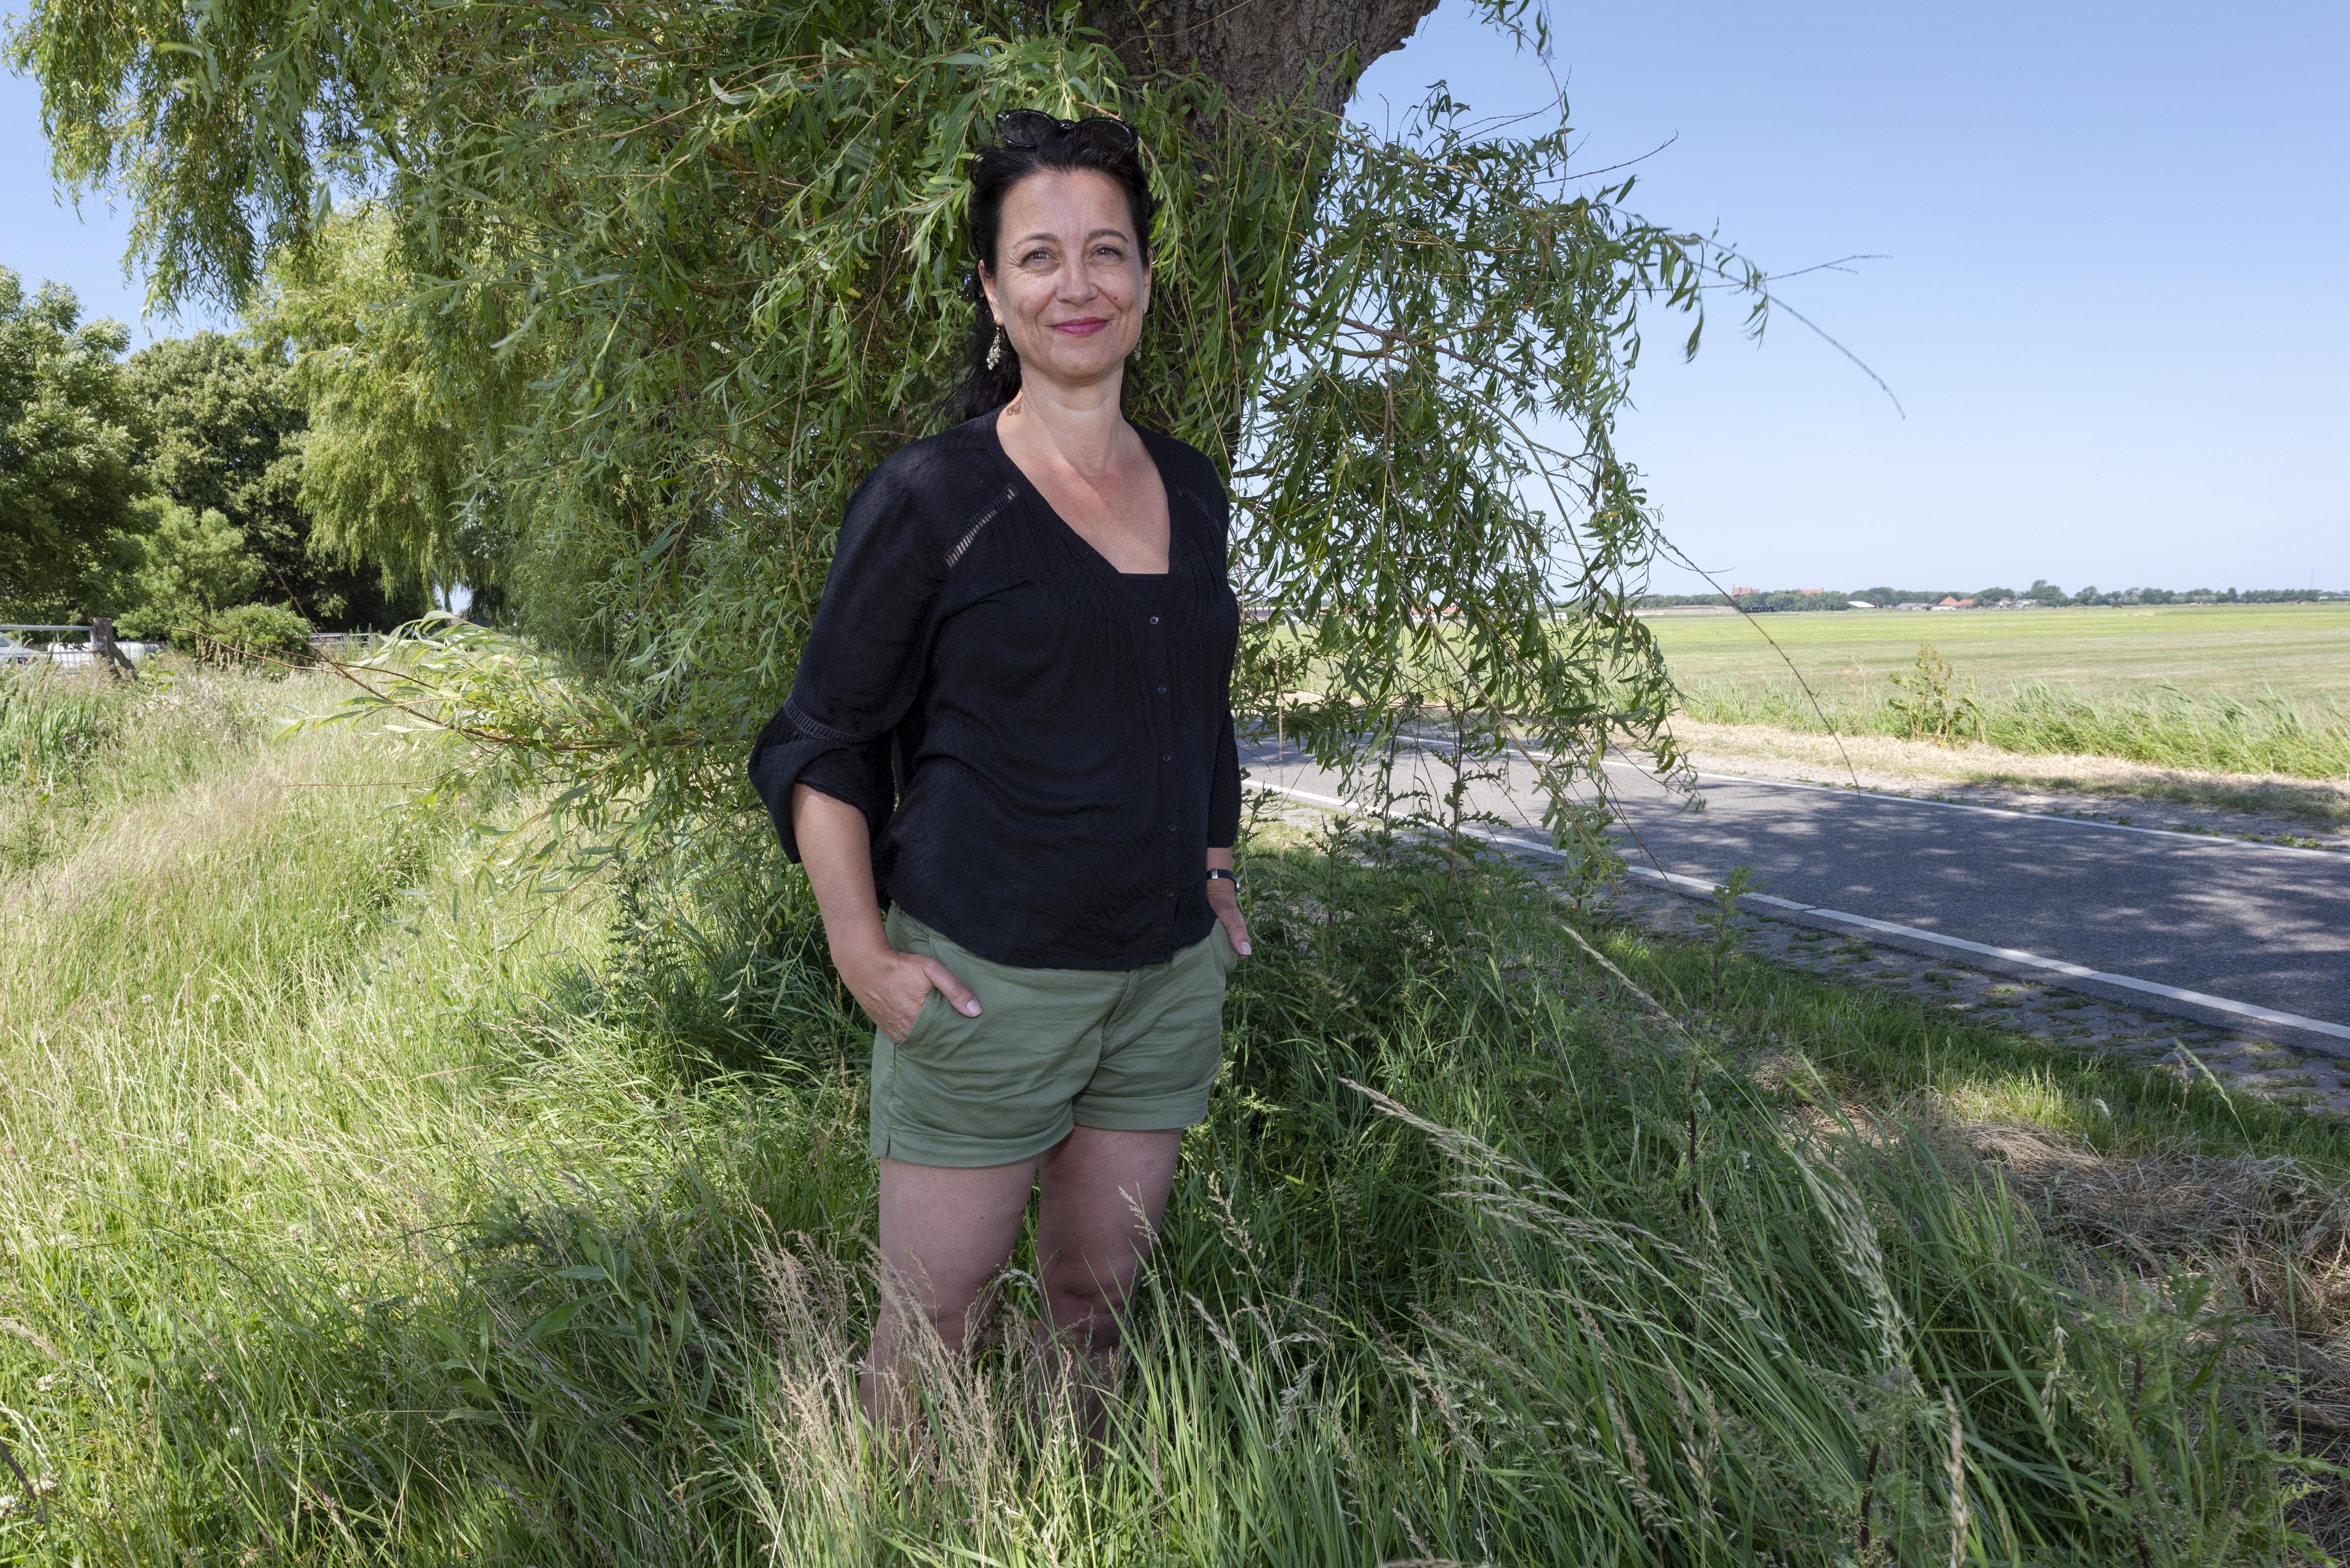 Suzanne Buis schrijft Noord-Hollandse bijdrage aan boek met volksverhalen uit de twaalf provincies: 'Voor provinciale zaken moet je bij mij zijn'